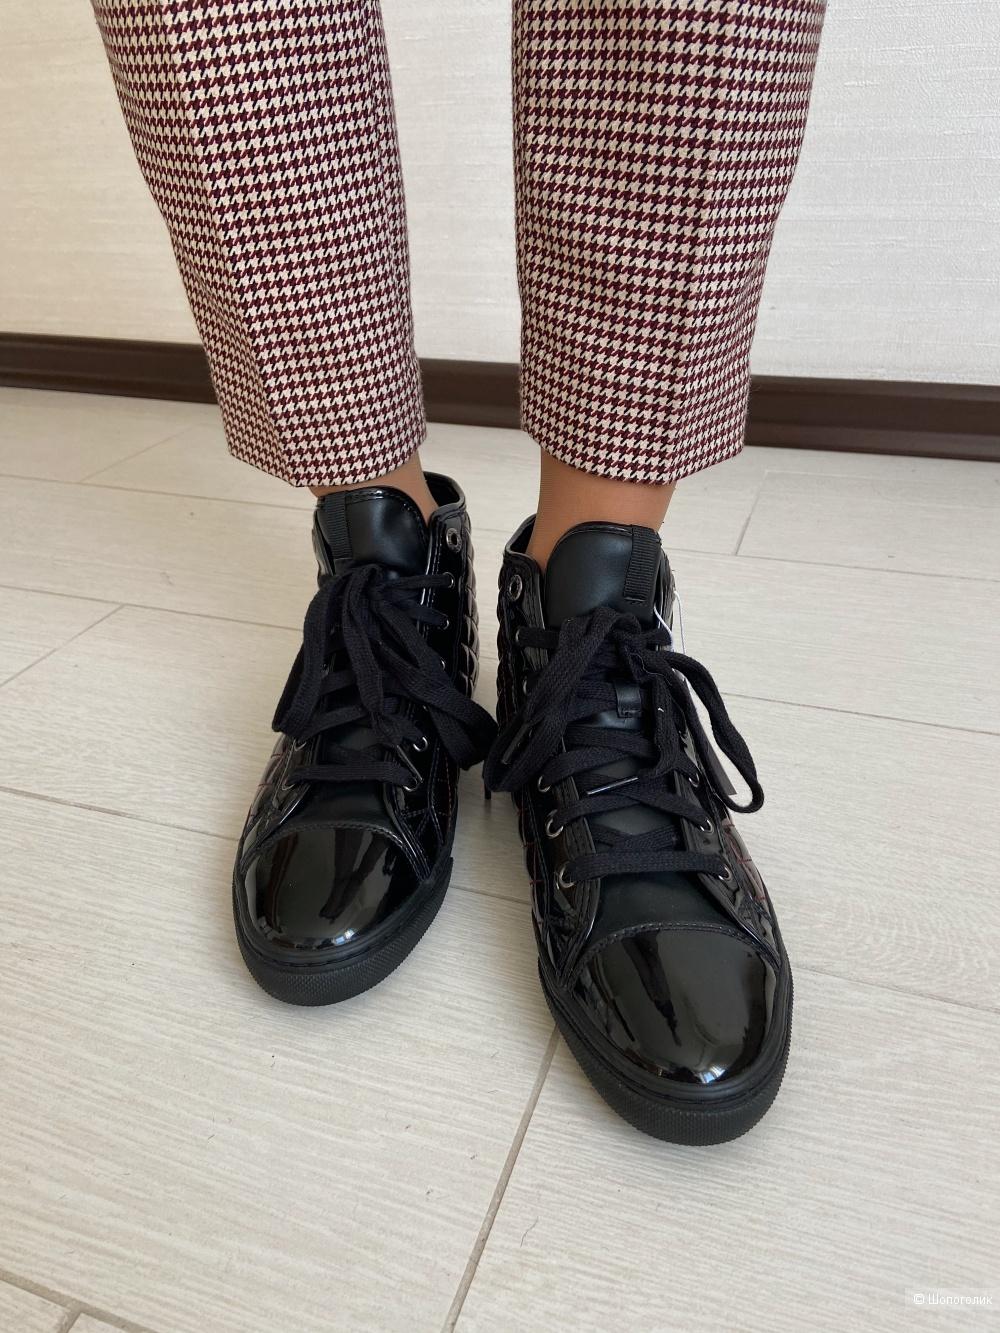 Ботинки Geox на 39 размер